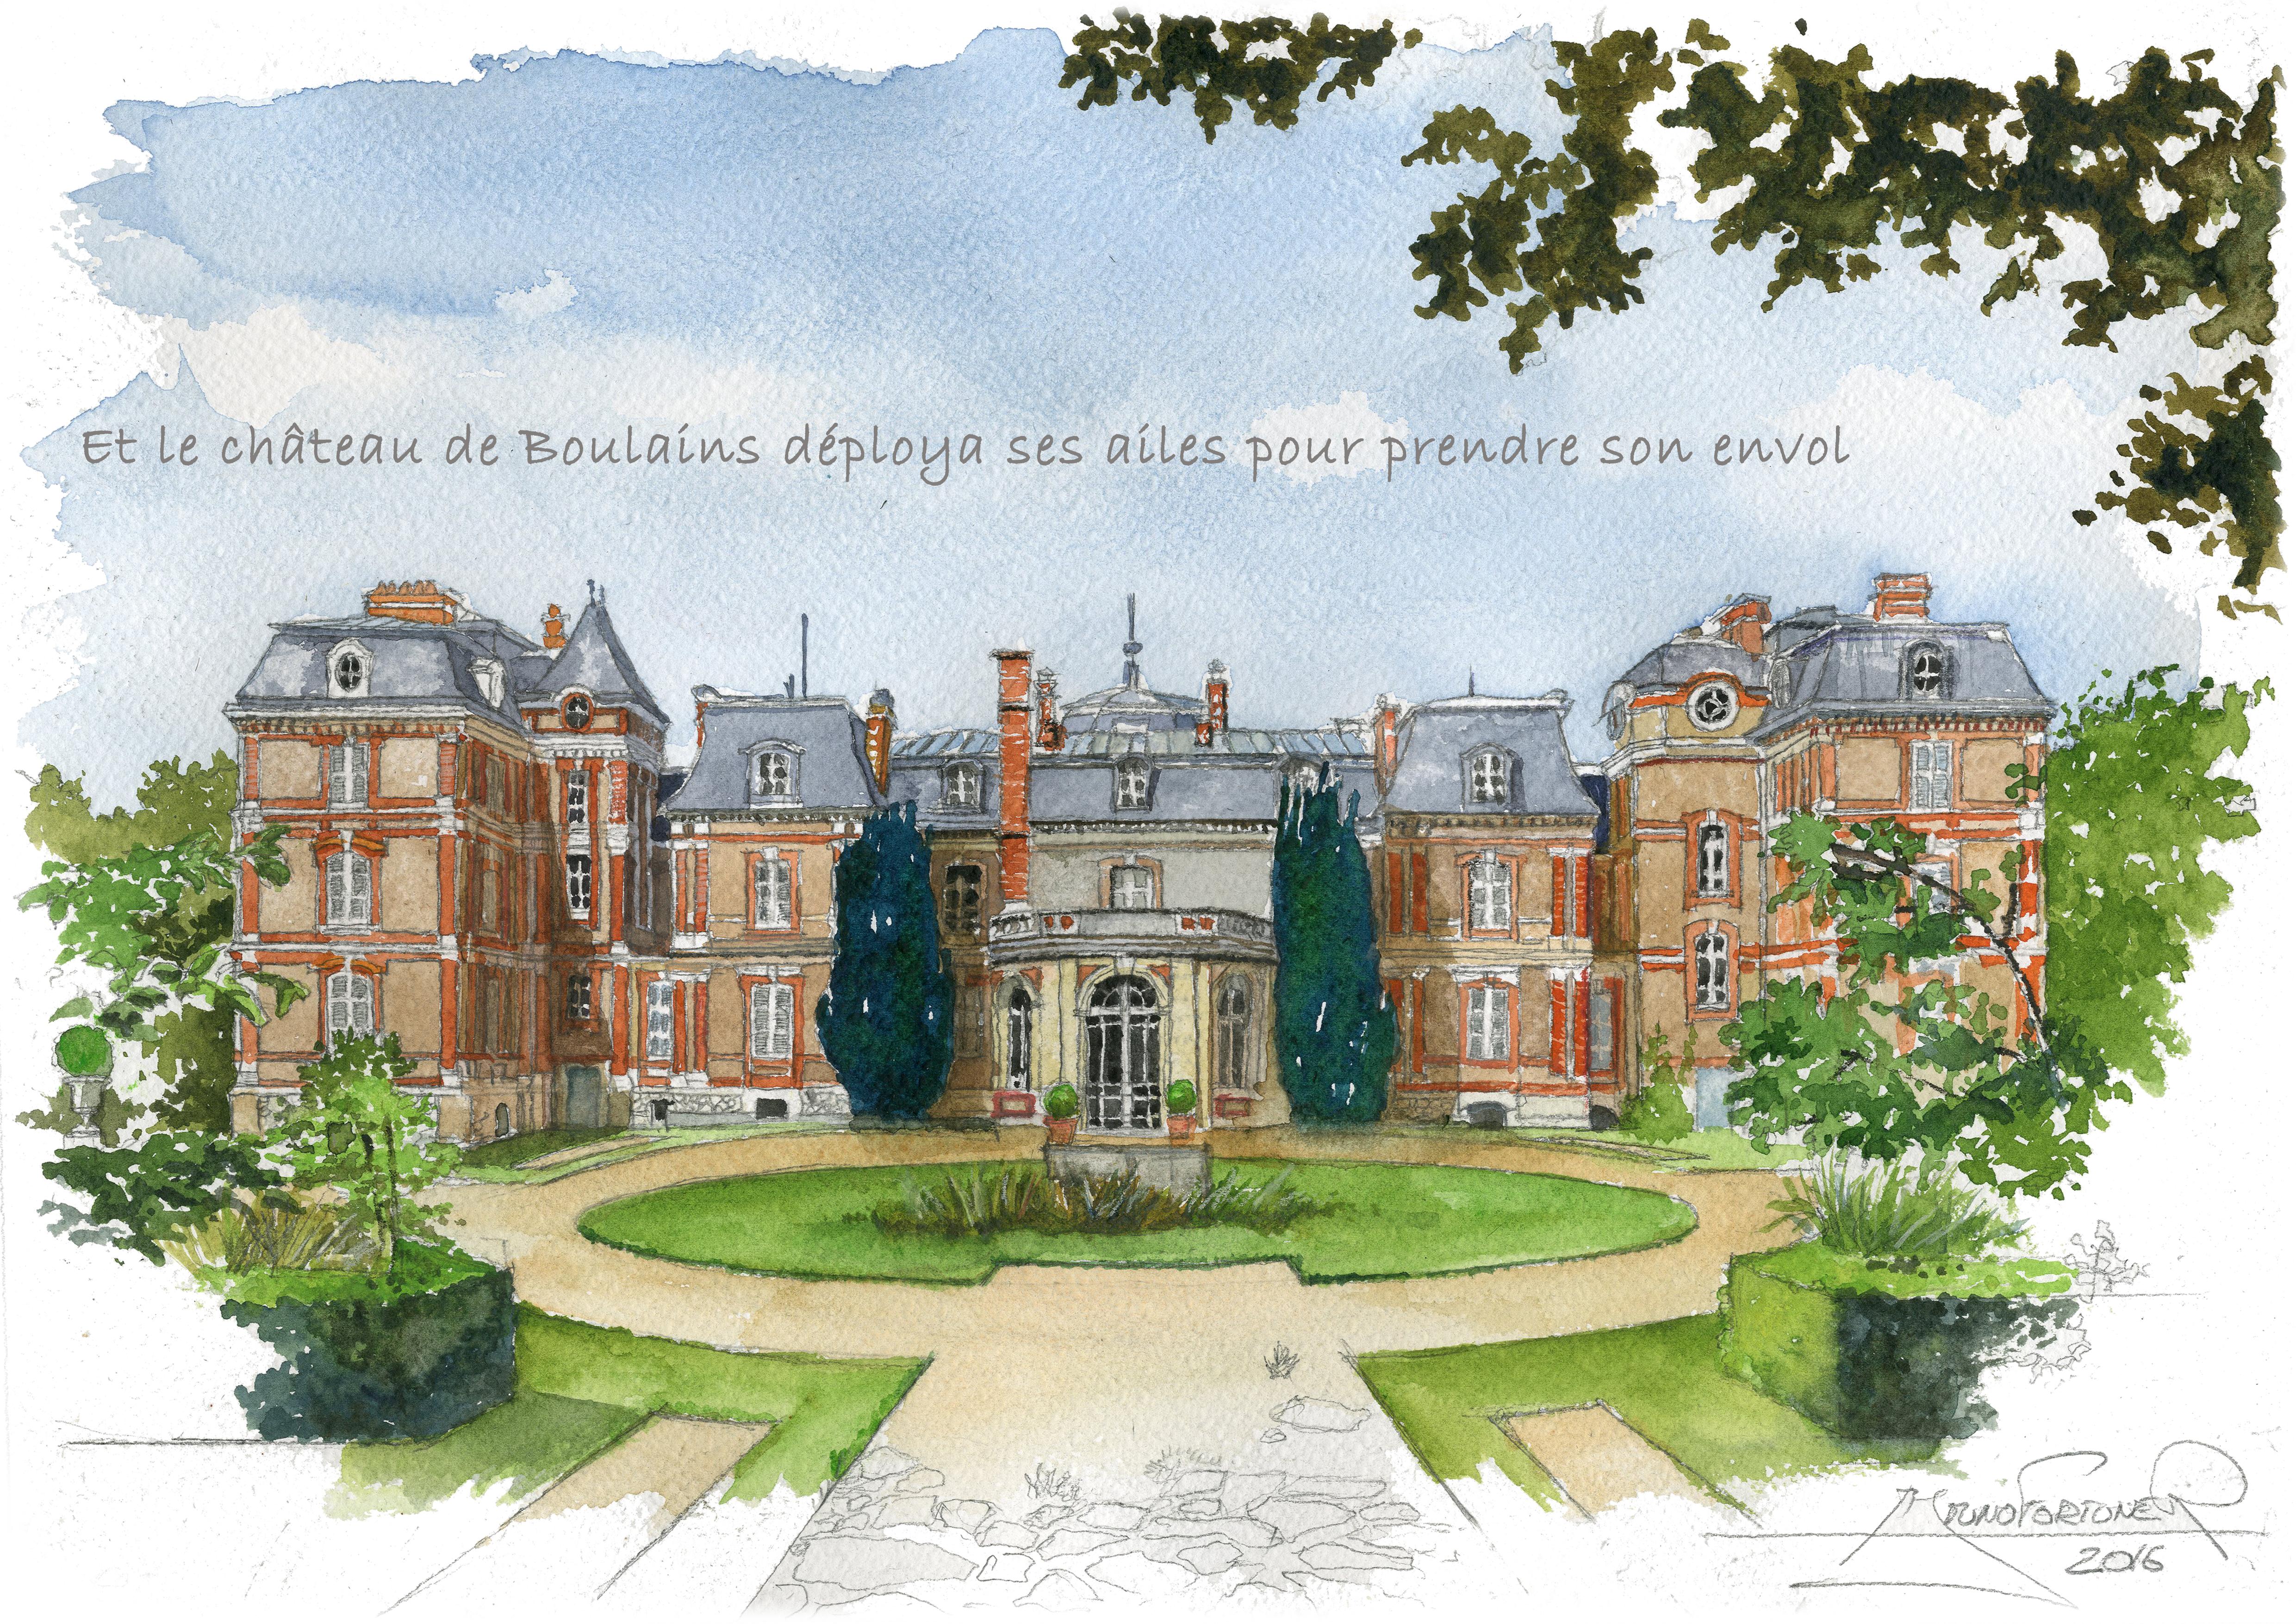 05-Et_le_chateau_de_Boulains_déploya_ses_ailes_et_prit_son_envol_copie